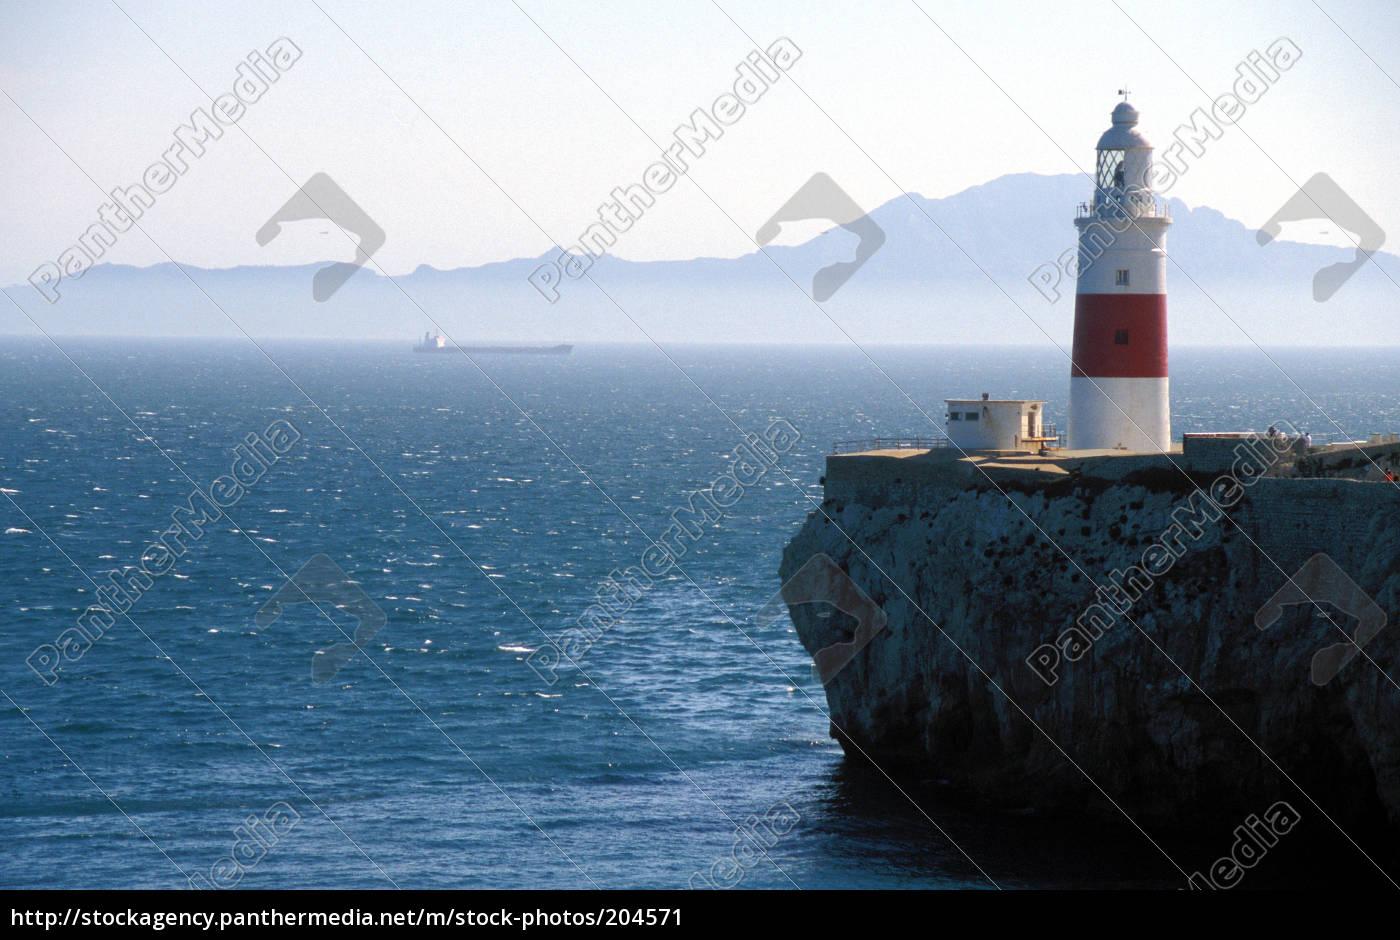 gibraltar2 - 204571